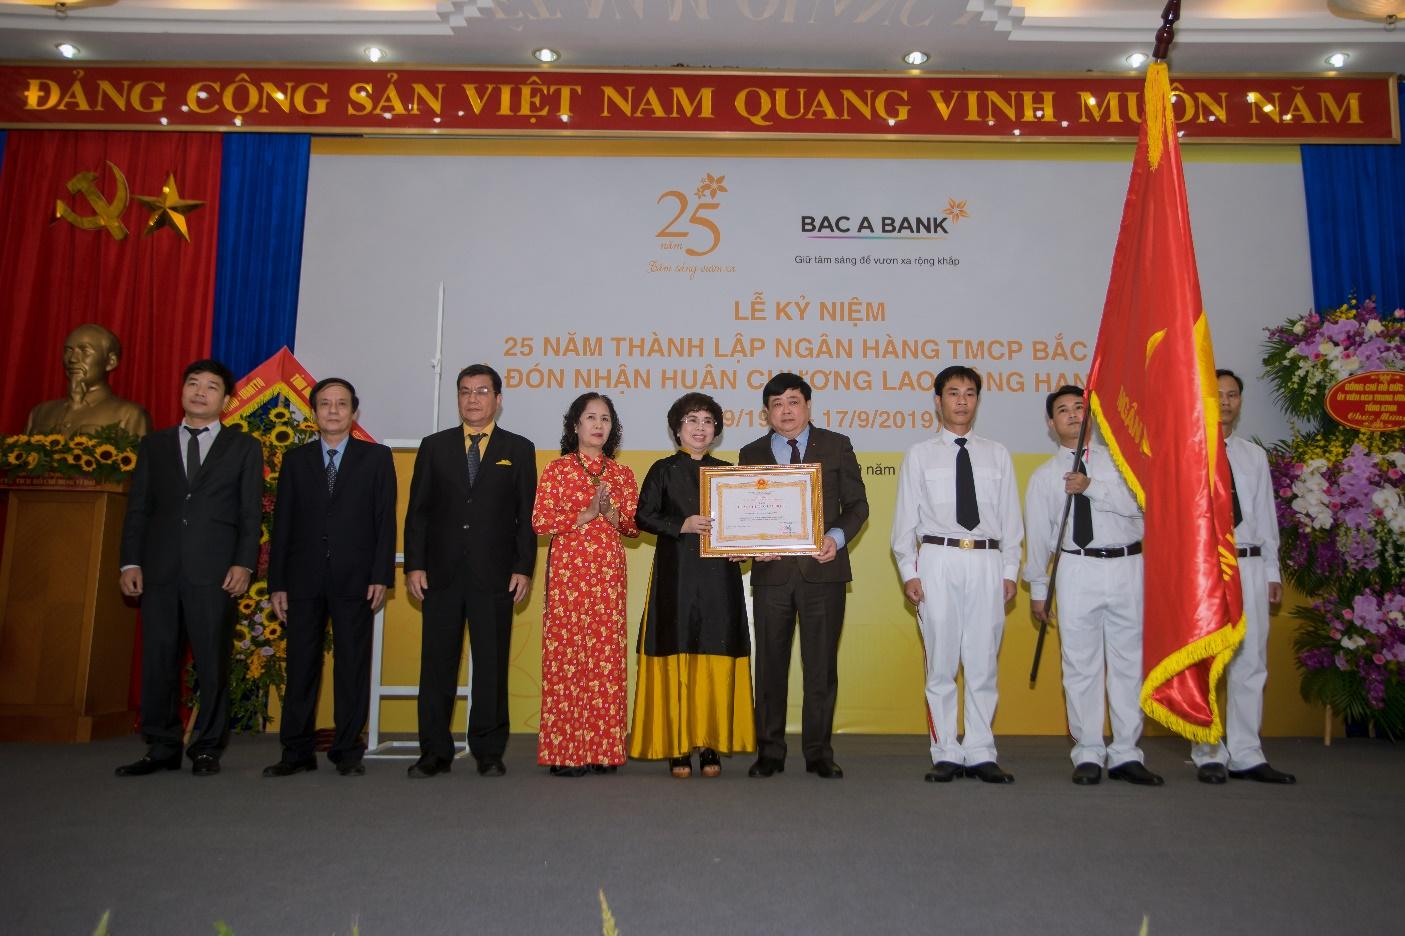 BAC A BANK kỉ niệm 25 năm thành lập và đón nhận Huân chương Lao động hạng Ba - Ảnh 1